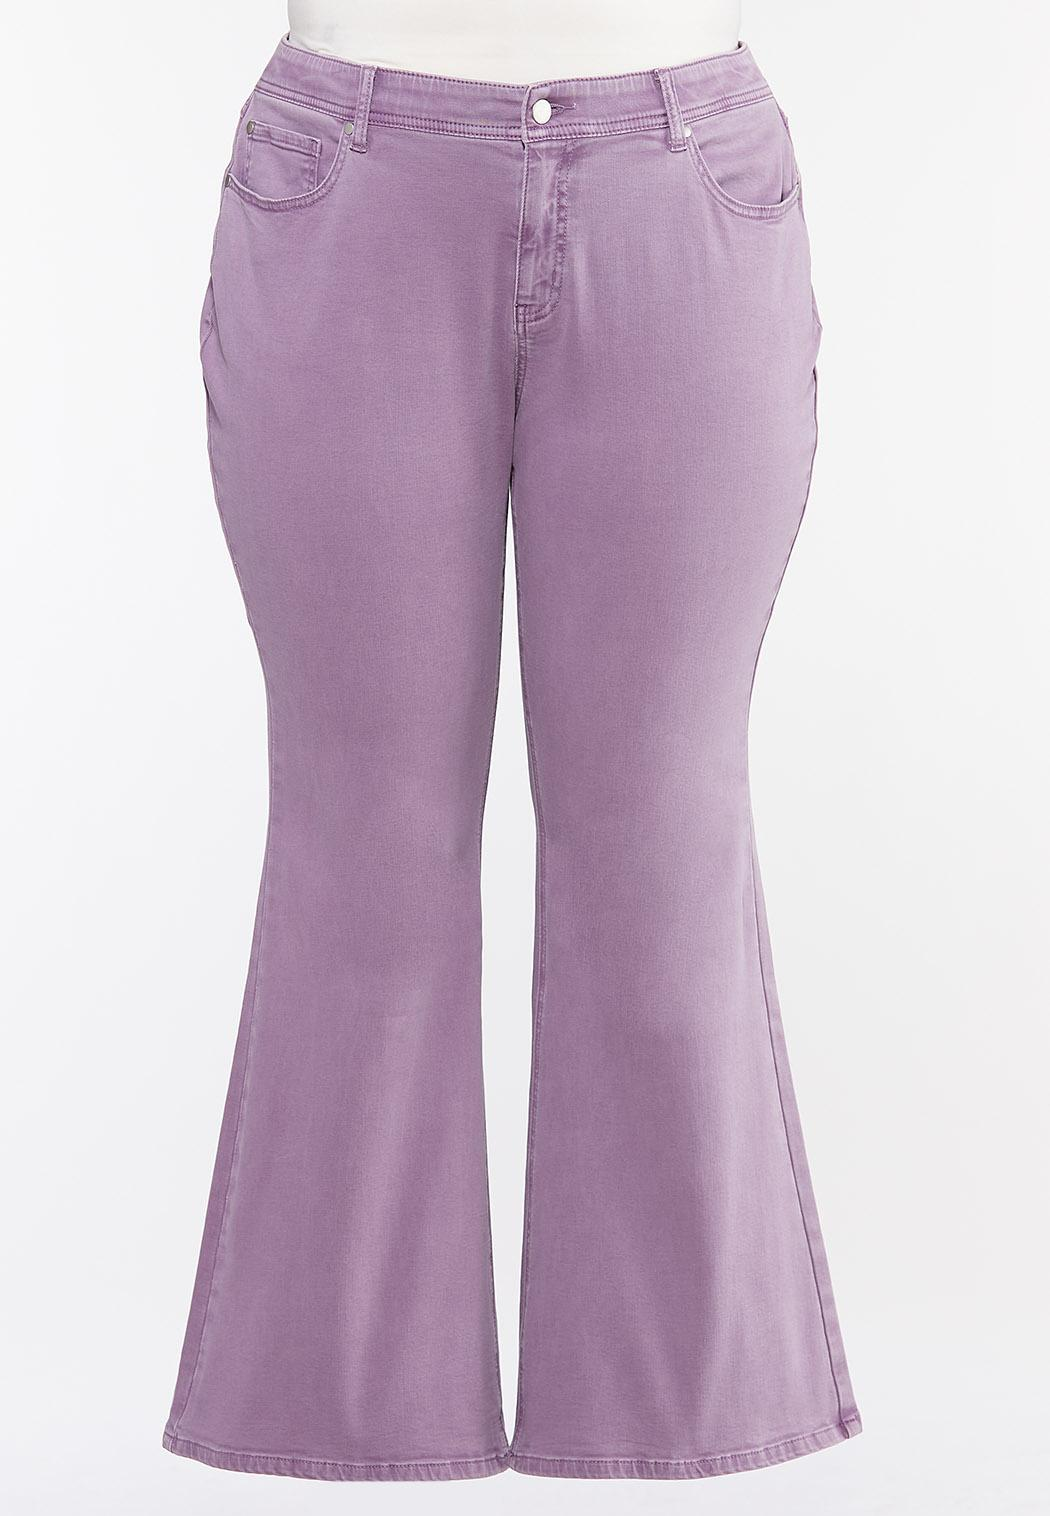 Plus Size Lavender Flare Jeans